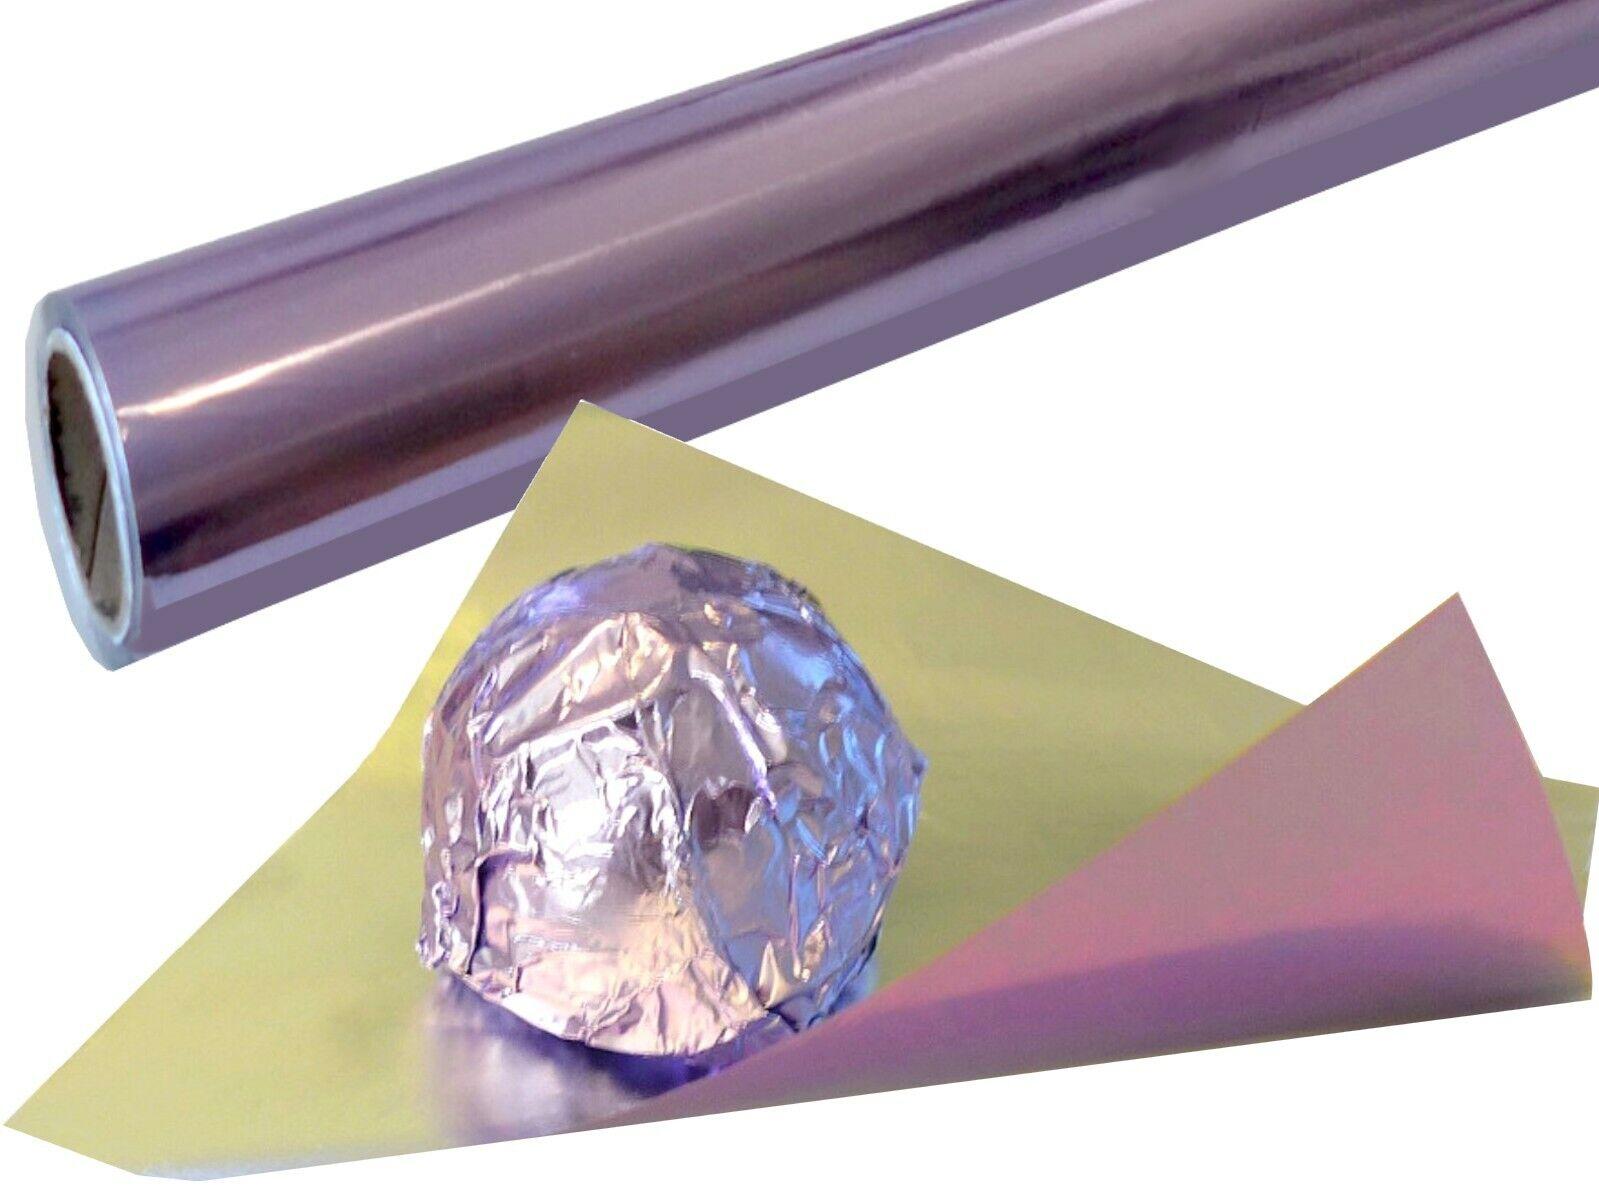 púrpura Einwickelfolie Rollo 65m Colorido Papel Aluminio F. Chocolate Pralinenfolie